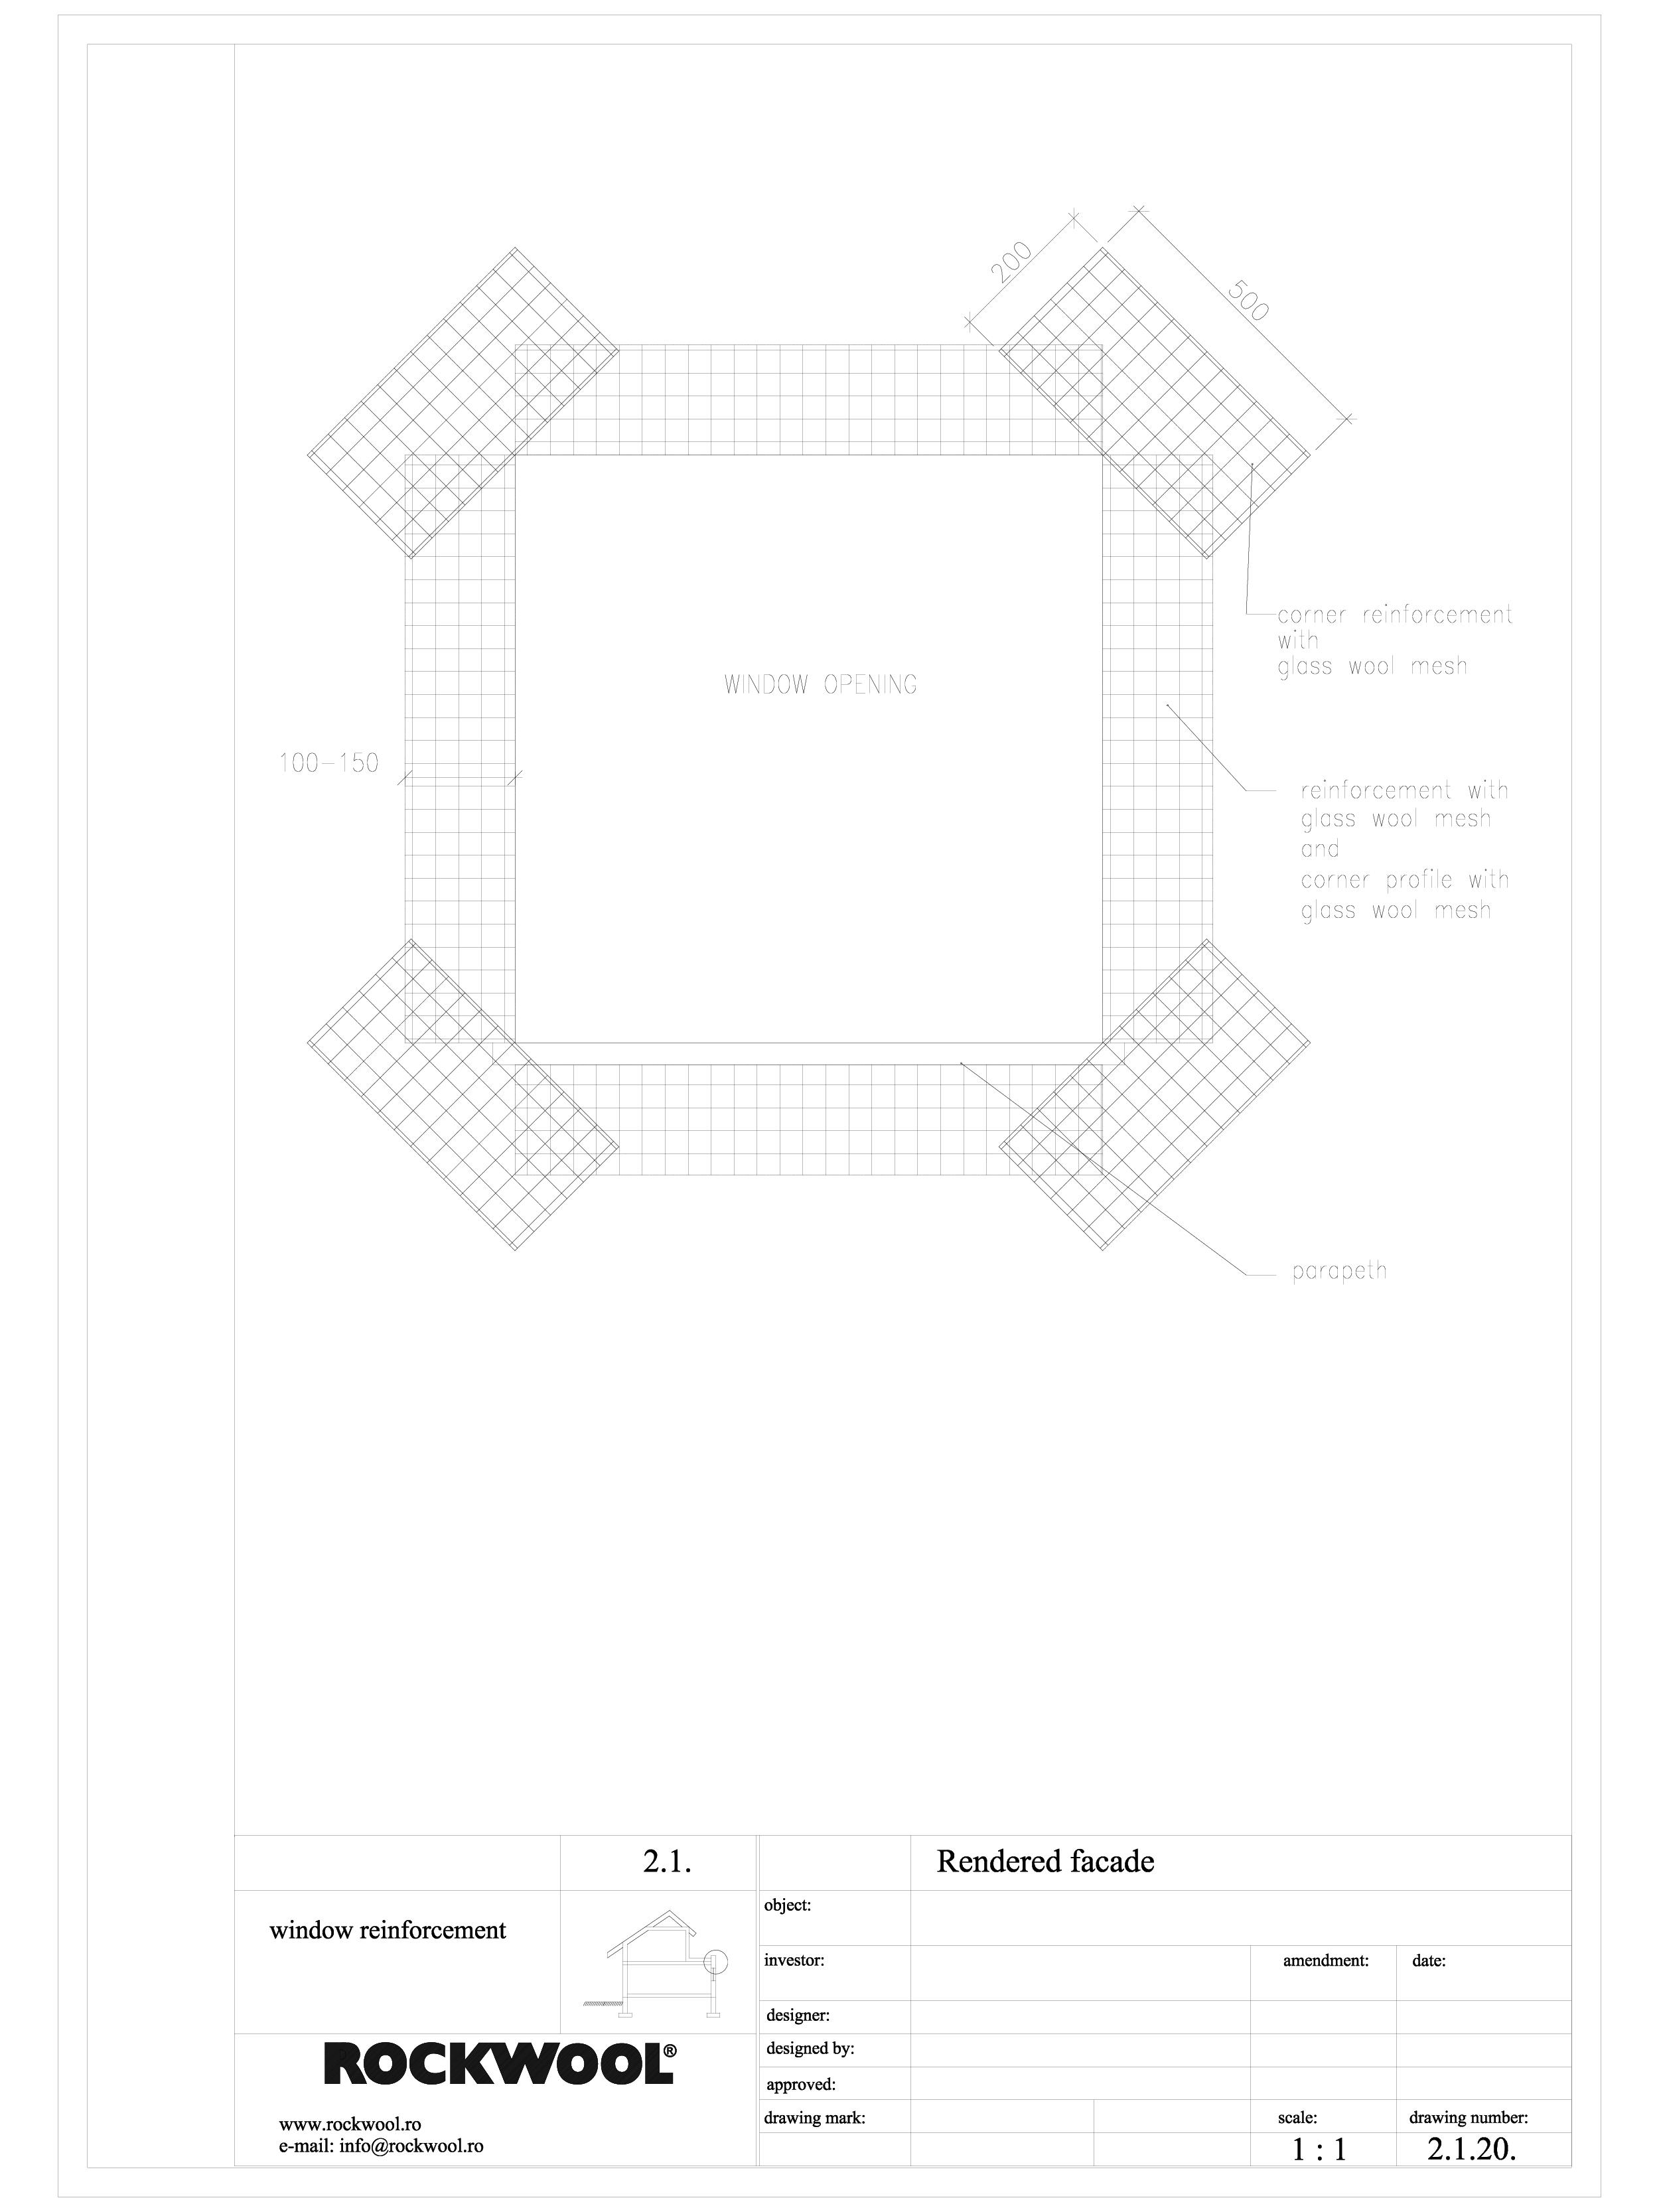 Termoizolarea fatadelor tencuite - detaliu de armare in jurul golurilor ROCKWOOL Termoizolatie vata bazaltica pentru fatade ventilate ROCKWOOL ROMANIA  - Pagina 1